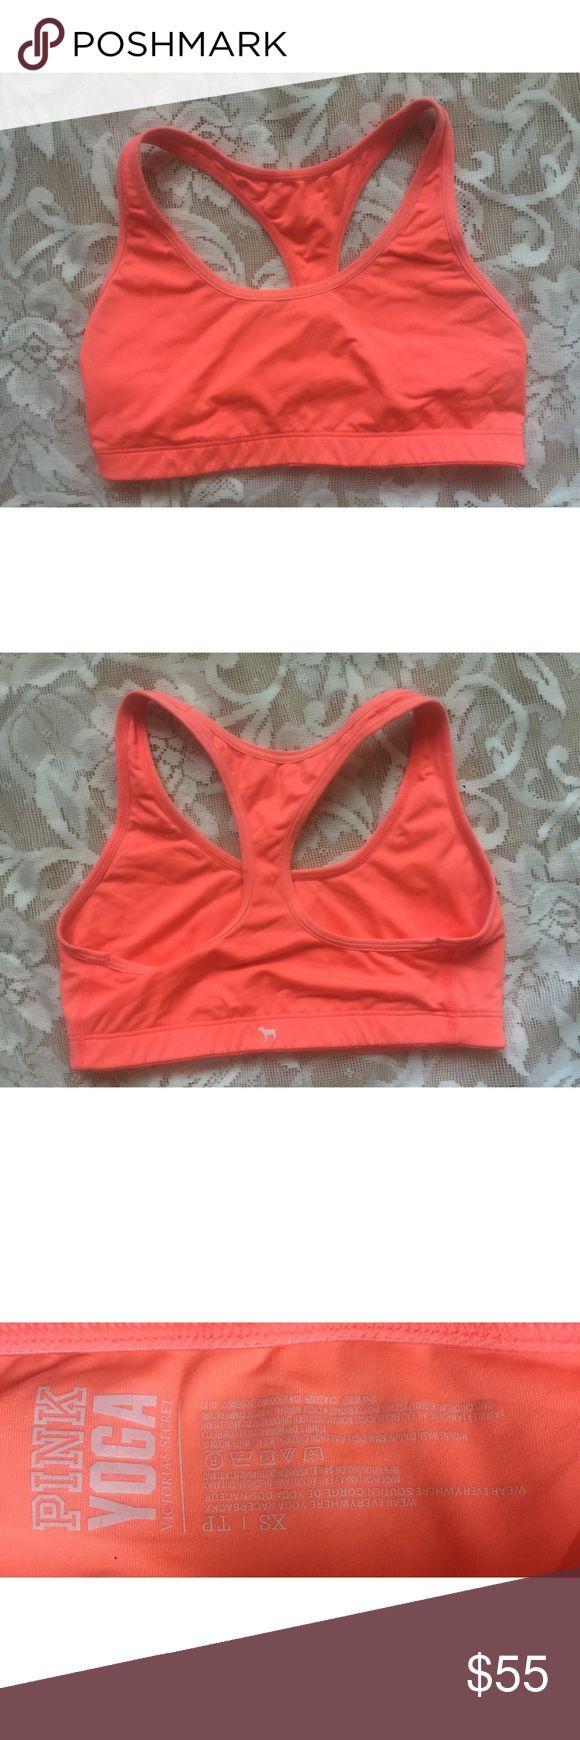 Victoria's Secret PINK Orange Sports Bra Condition: No defects. Size: xS PINK Victoria's Secret Intimates & Sleepwear